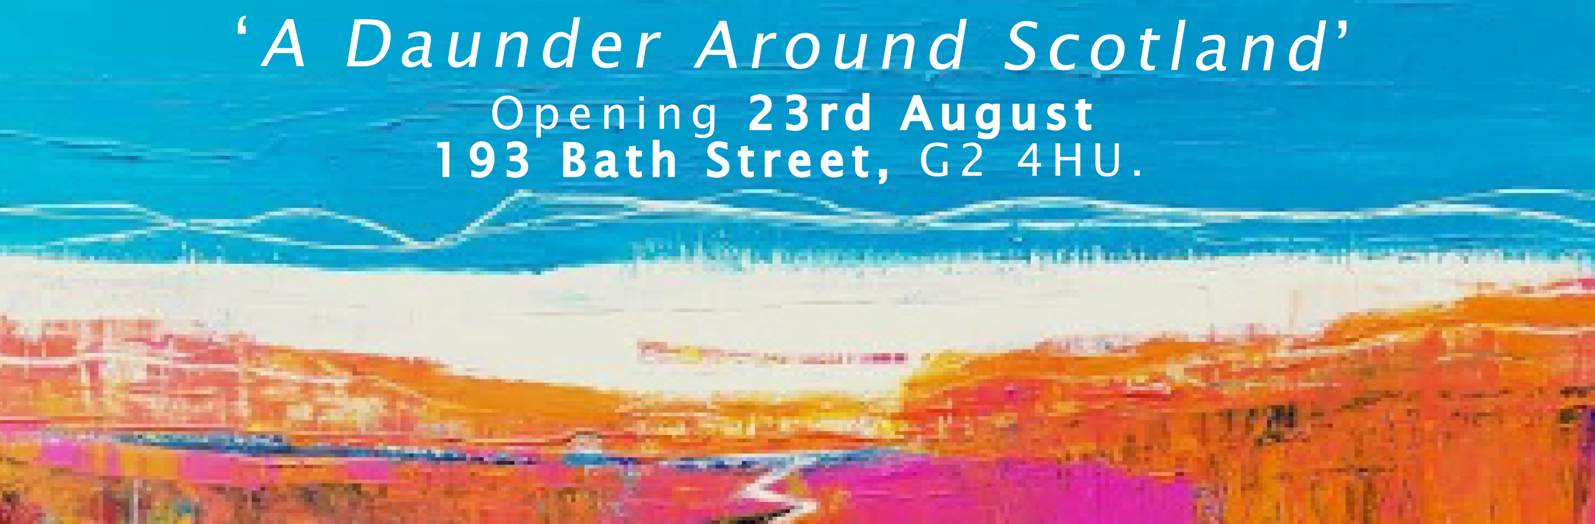 ScotlandArt Gallery Glasgow | Buy Scottish Art Online